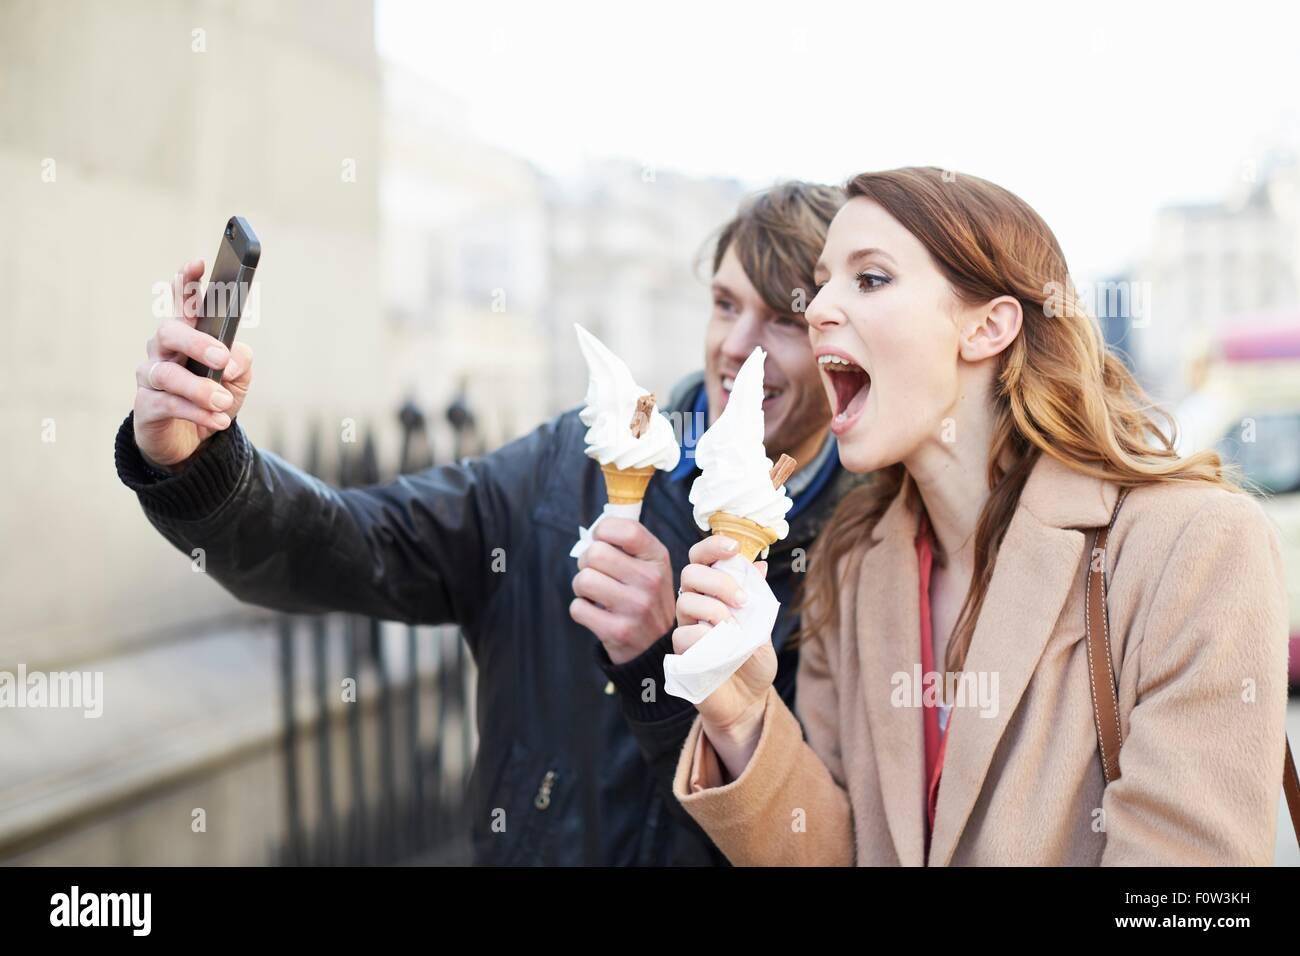 Coppia con coni gelato tenendo selfie smartphone, London, Regno Unito Immagini Stock